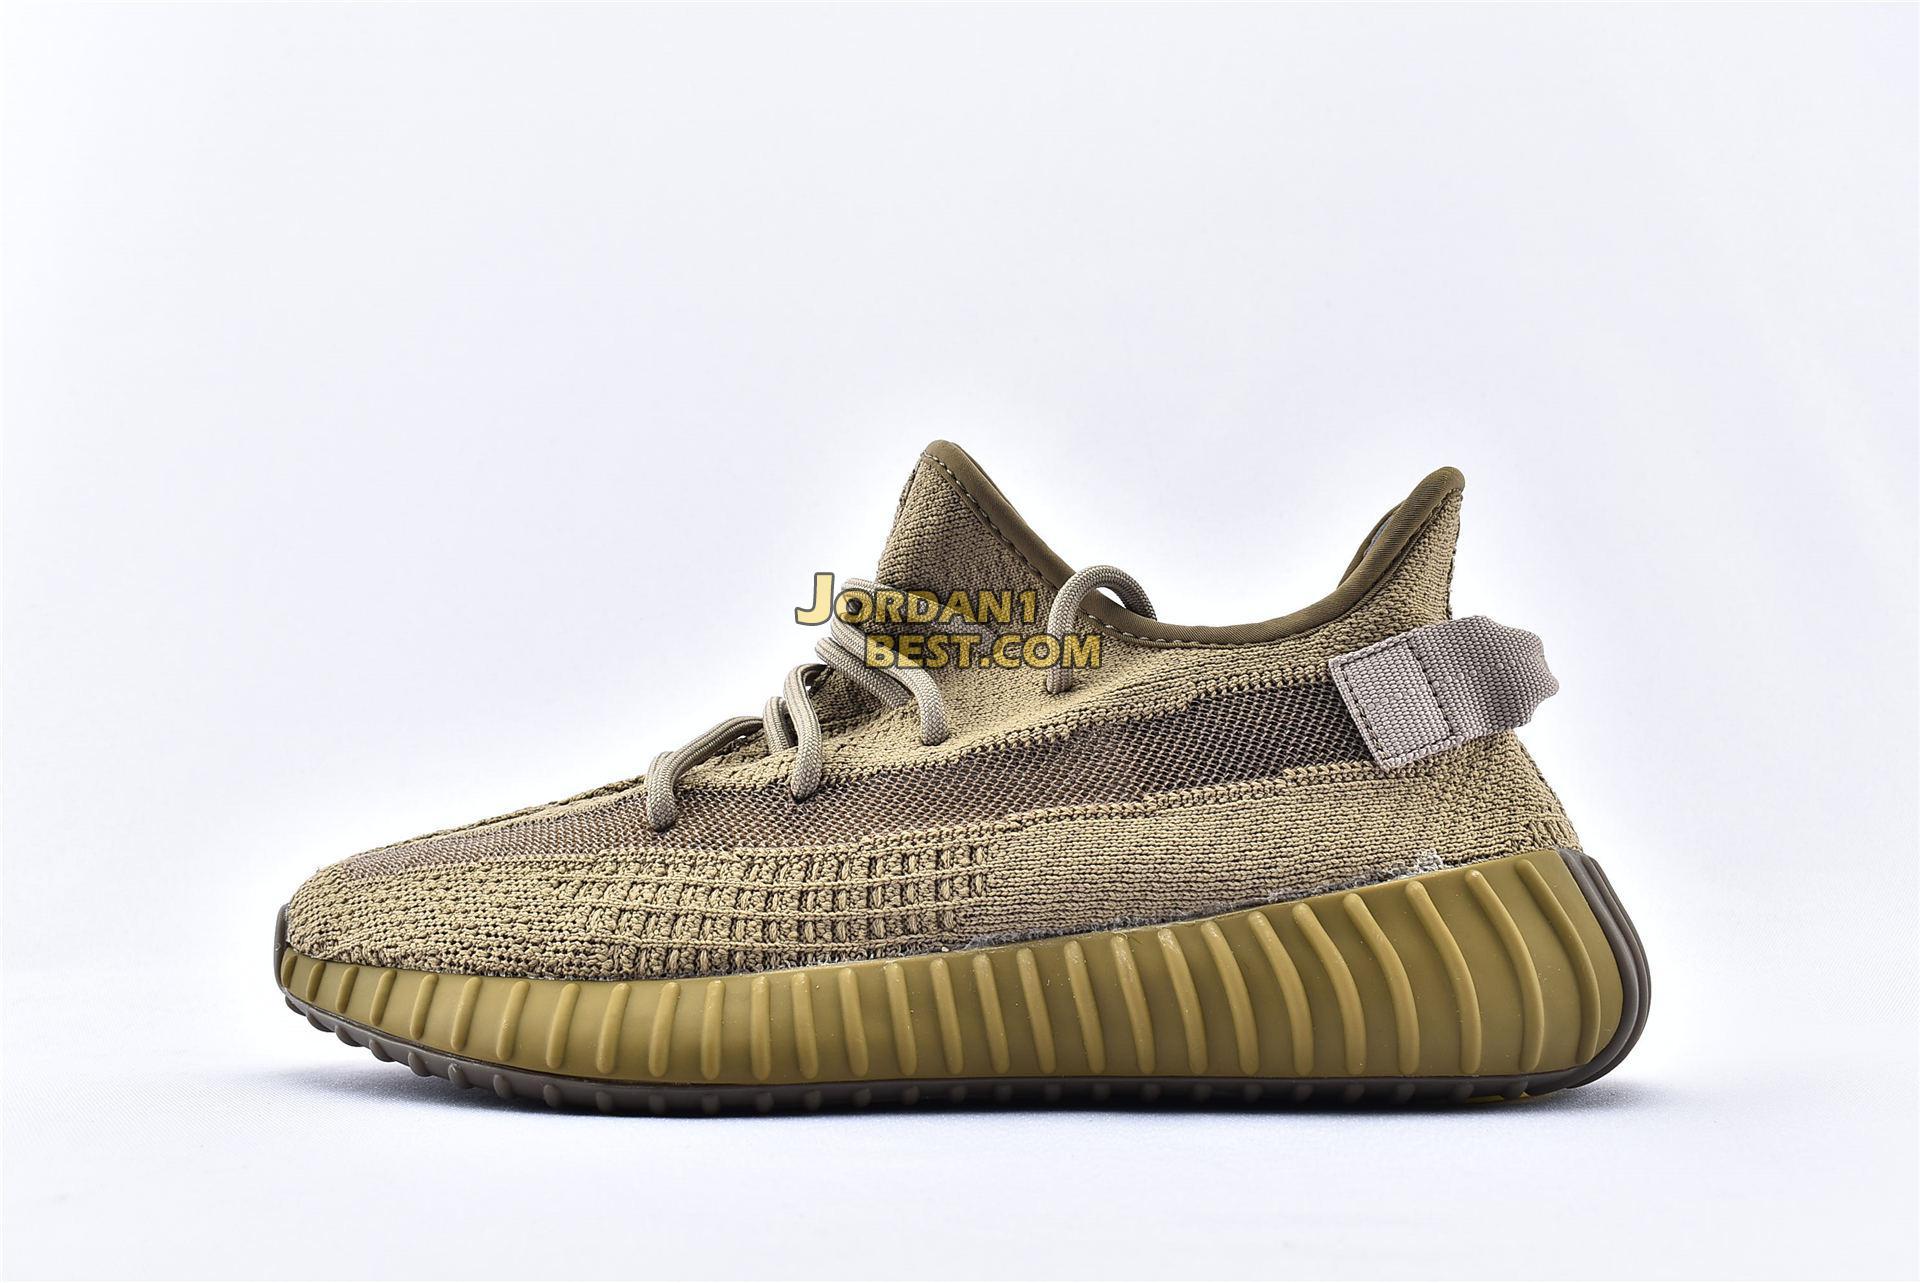 """Adidas Yeezy Boost 350 V2 """"Earth"""" FX9033"""